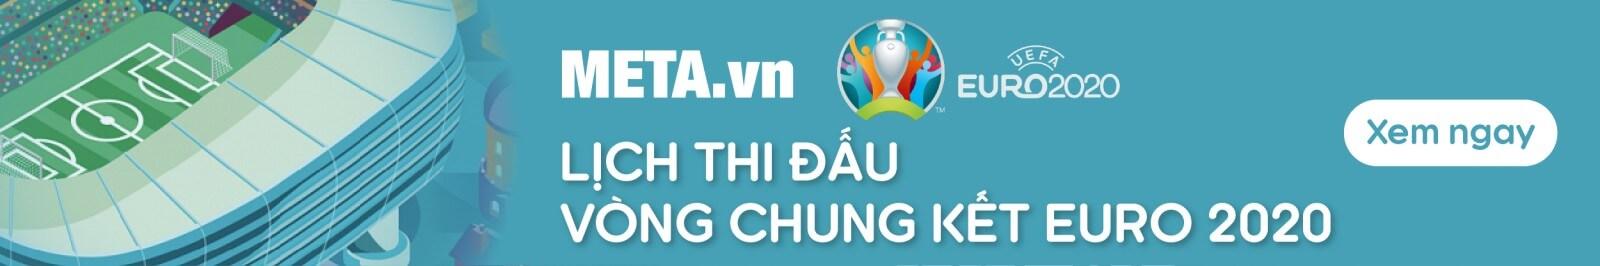 Lịch thi đấu EURO 2021 theo giờ Việt Nam mới nhất